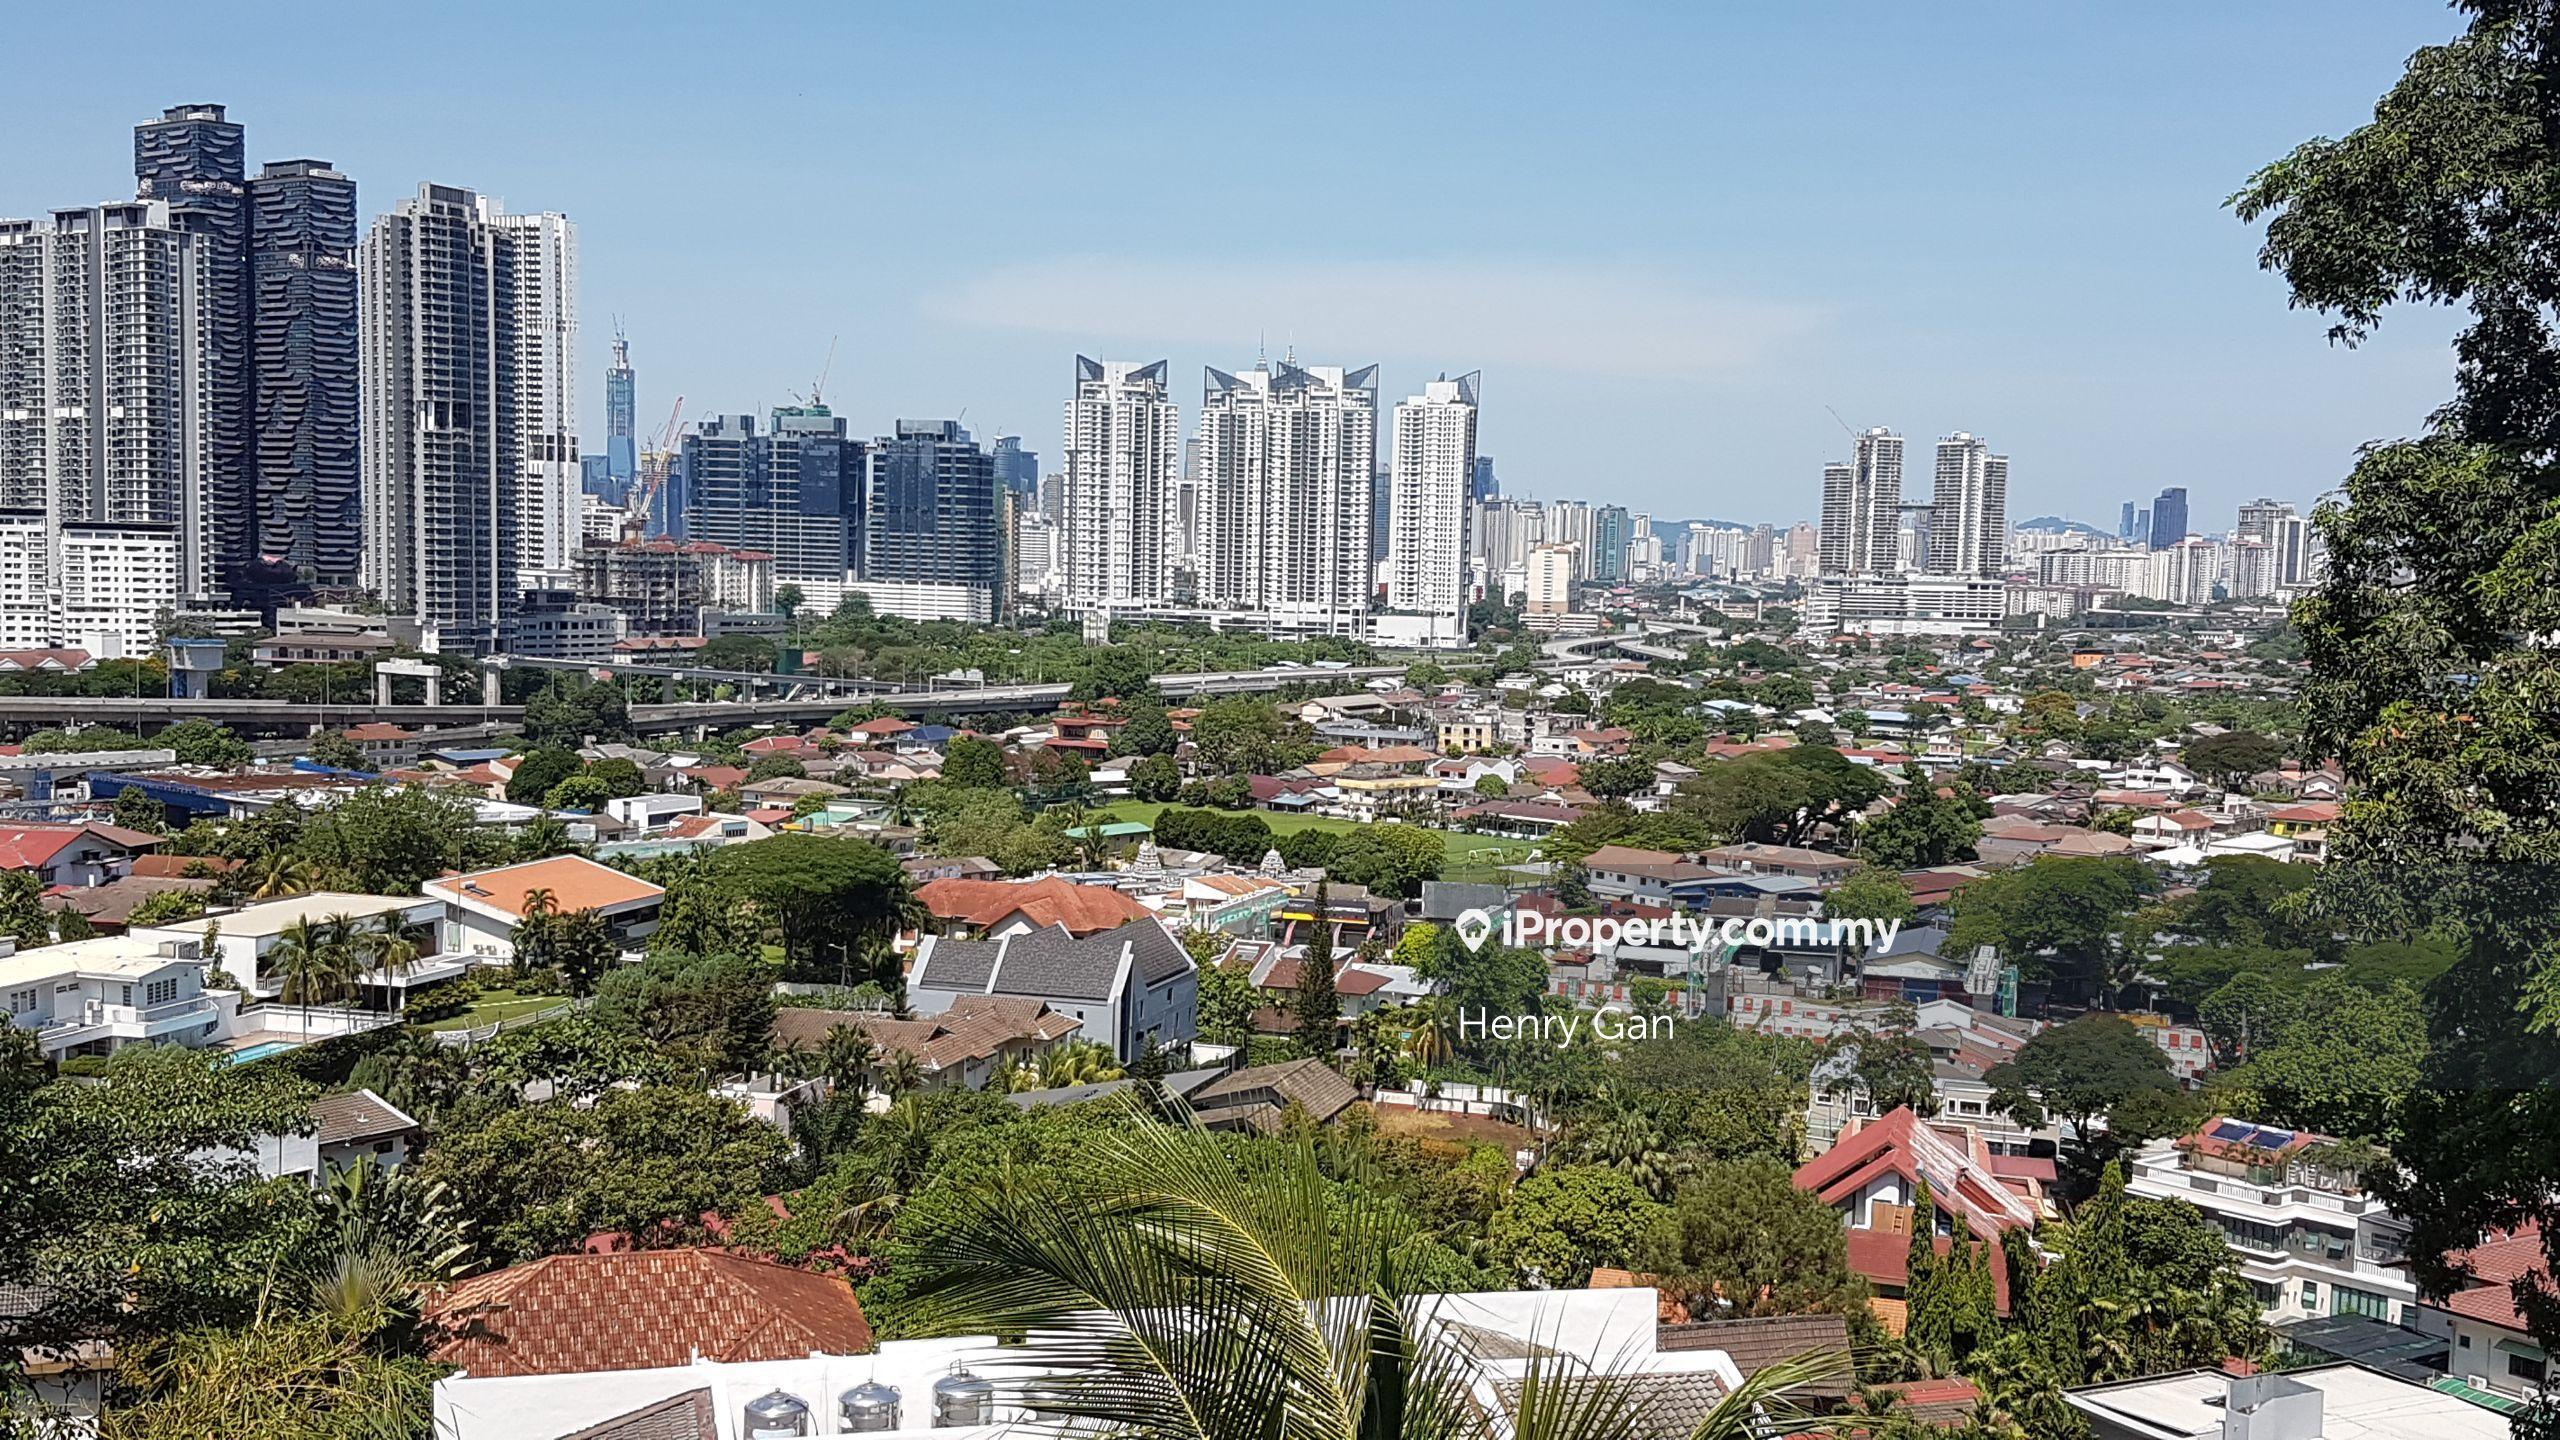 Desa Ukay, Ukay Heights, Ulu Klang